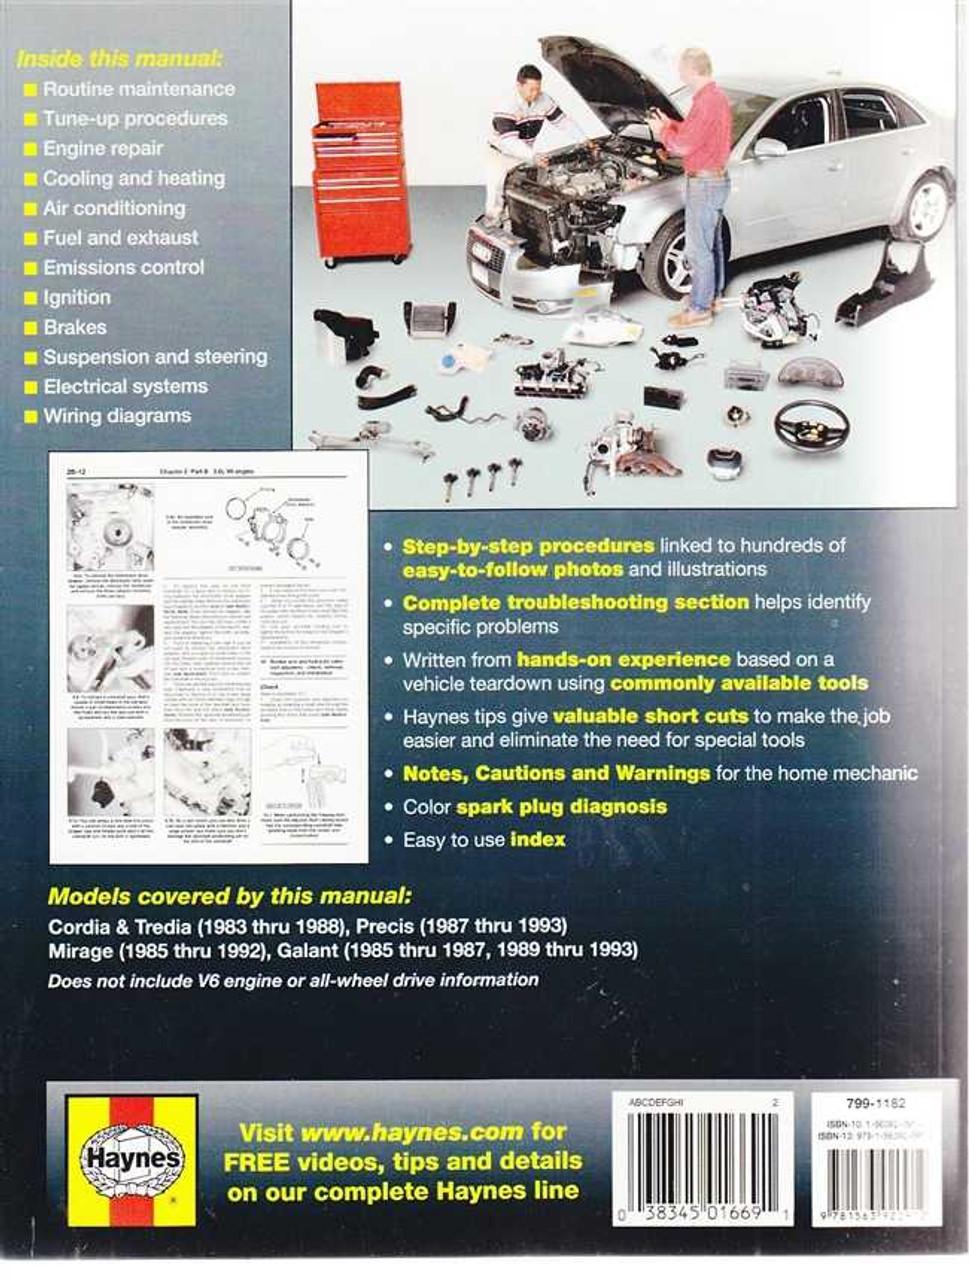 Service Manual Wiring Diagram Opel Tis Wiring Diagrams Repair Manual